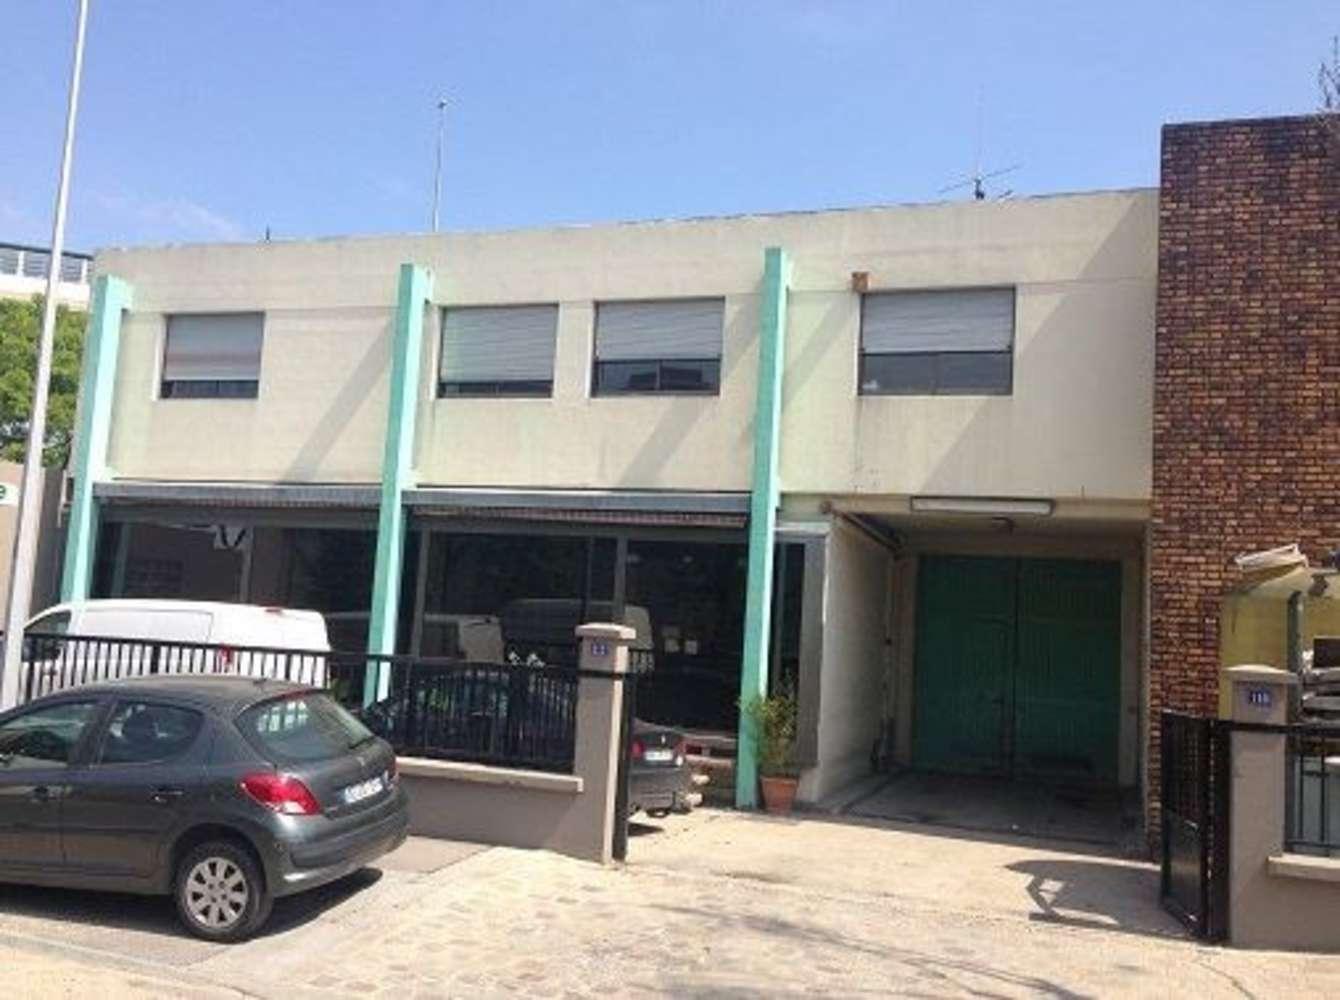 Activités/entrepôt Aubervilliers, 93300 - 110 RUE DU PORT - 9457272